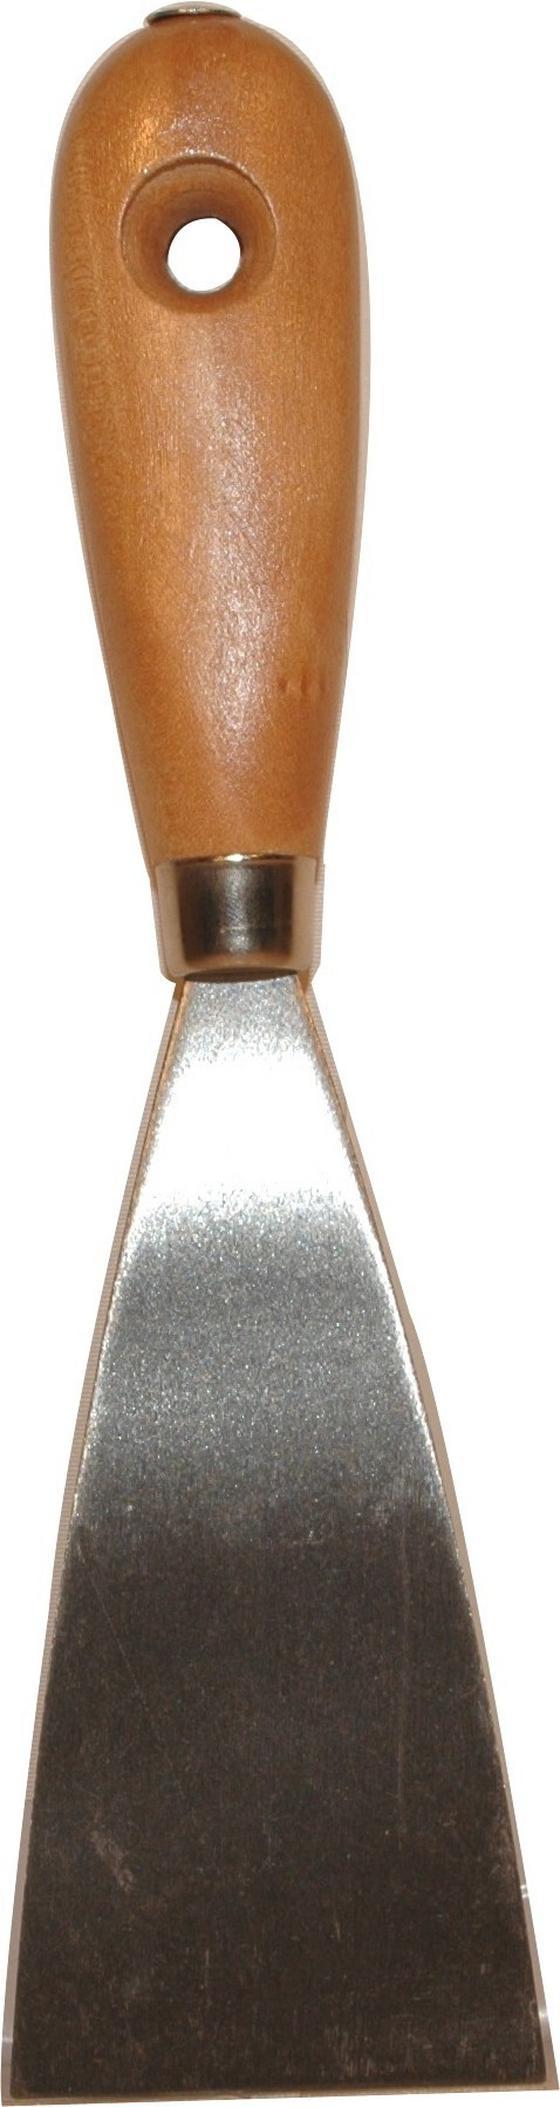 Spachtel 10cm - Silberfarben, KONVENTIONELL, Metall (25cm) - Gebol